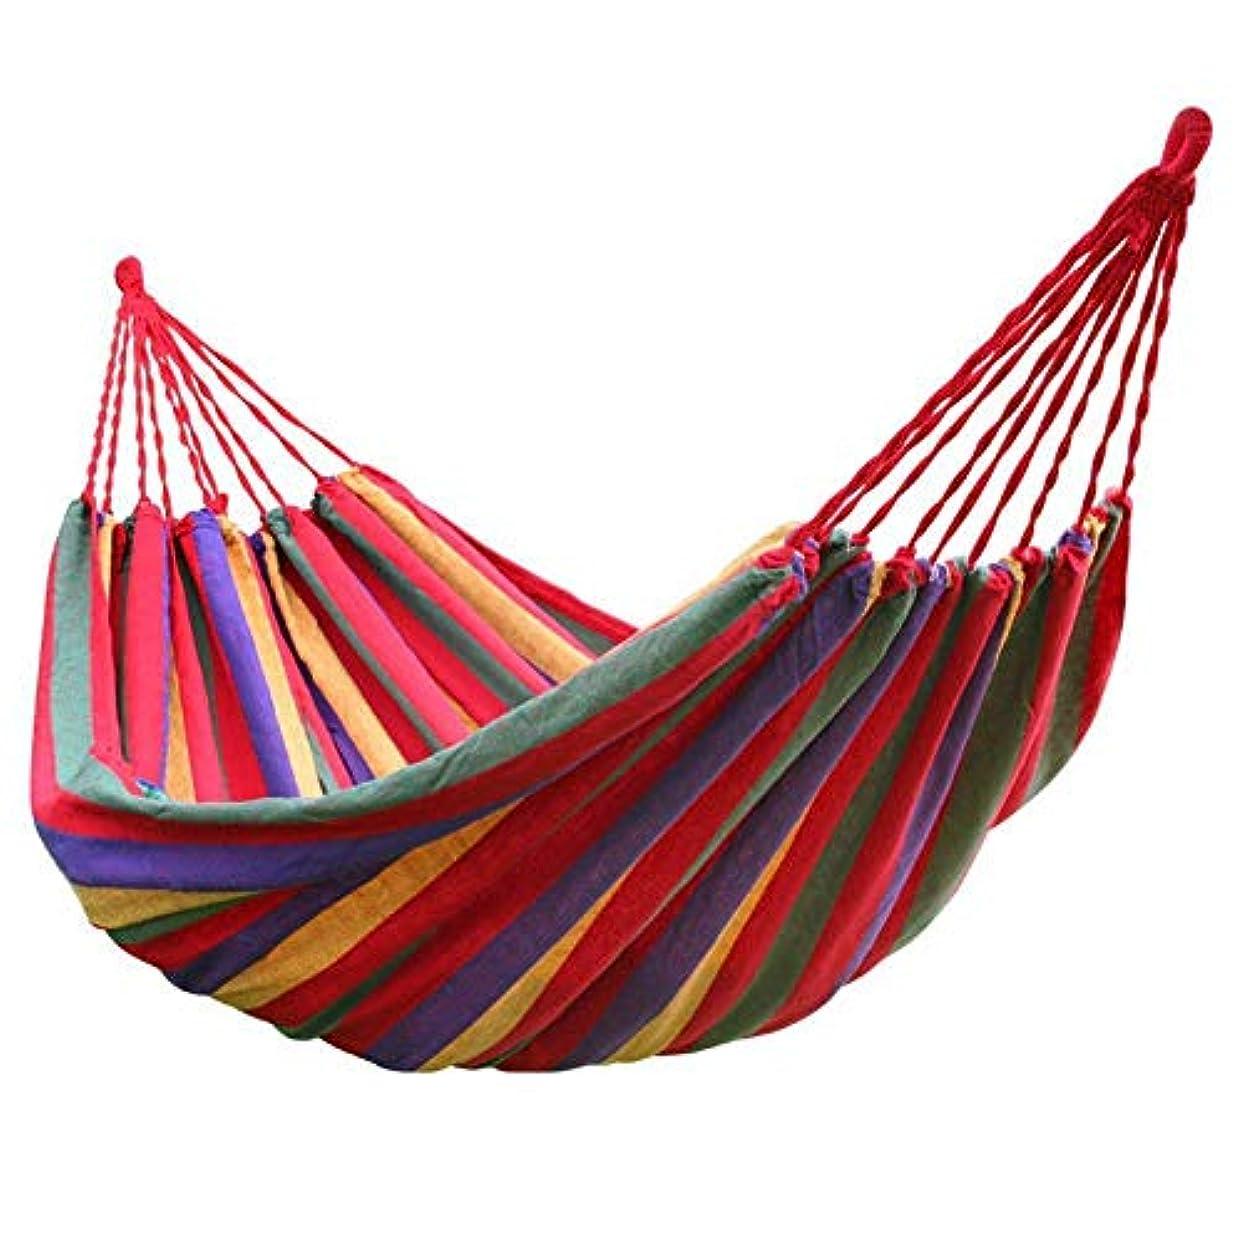 カウンタペースト完全に乾くRaxnwell ハンモック 折りたたみハンモック 1/2人用 軽量 超広い 室内 昼寝 アウトドア キャンプ 公園 ハイキング 釣り ピクニック 持ち運び簡単 収納袋付き